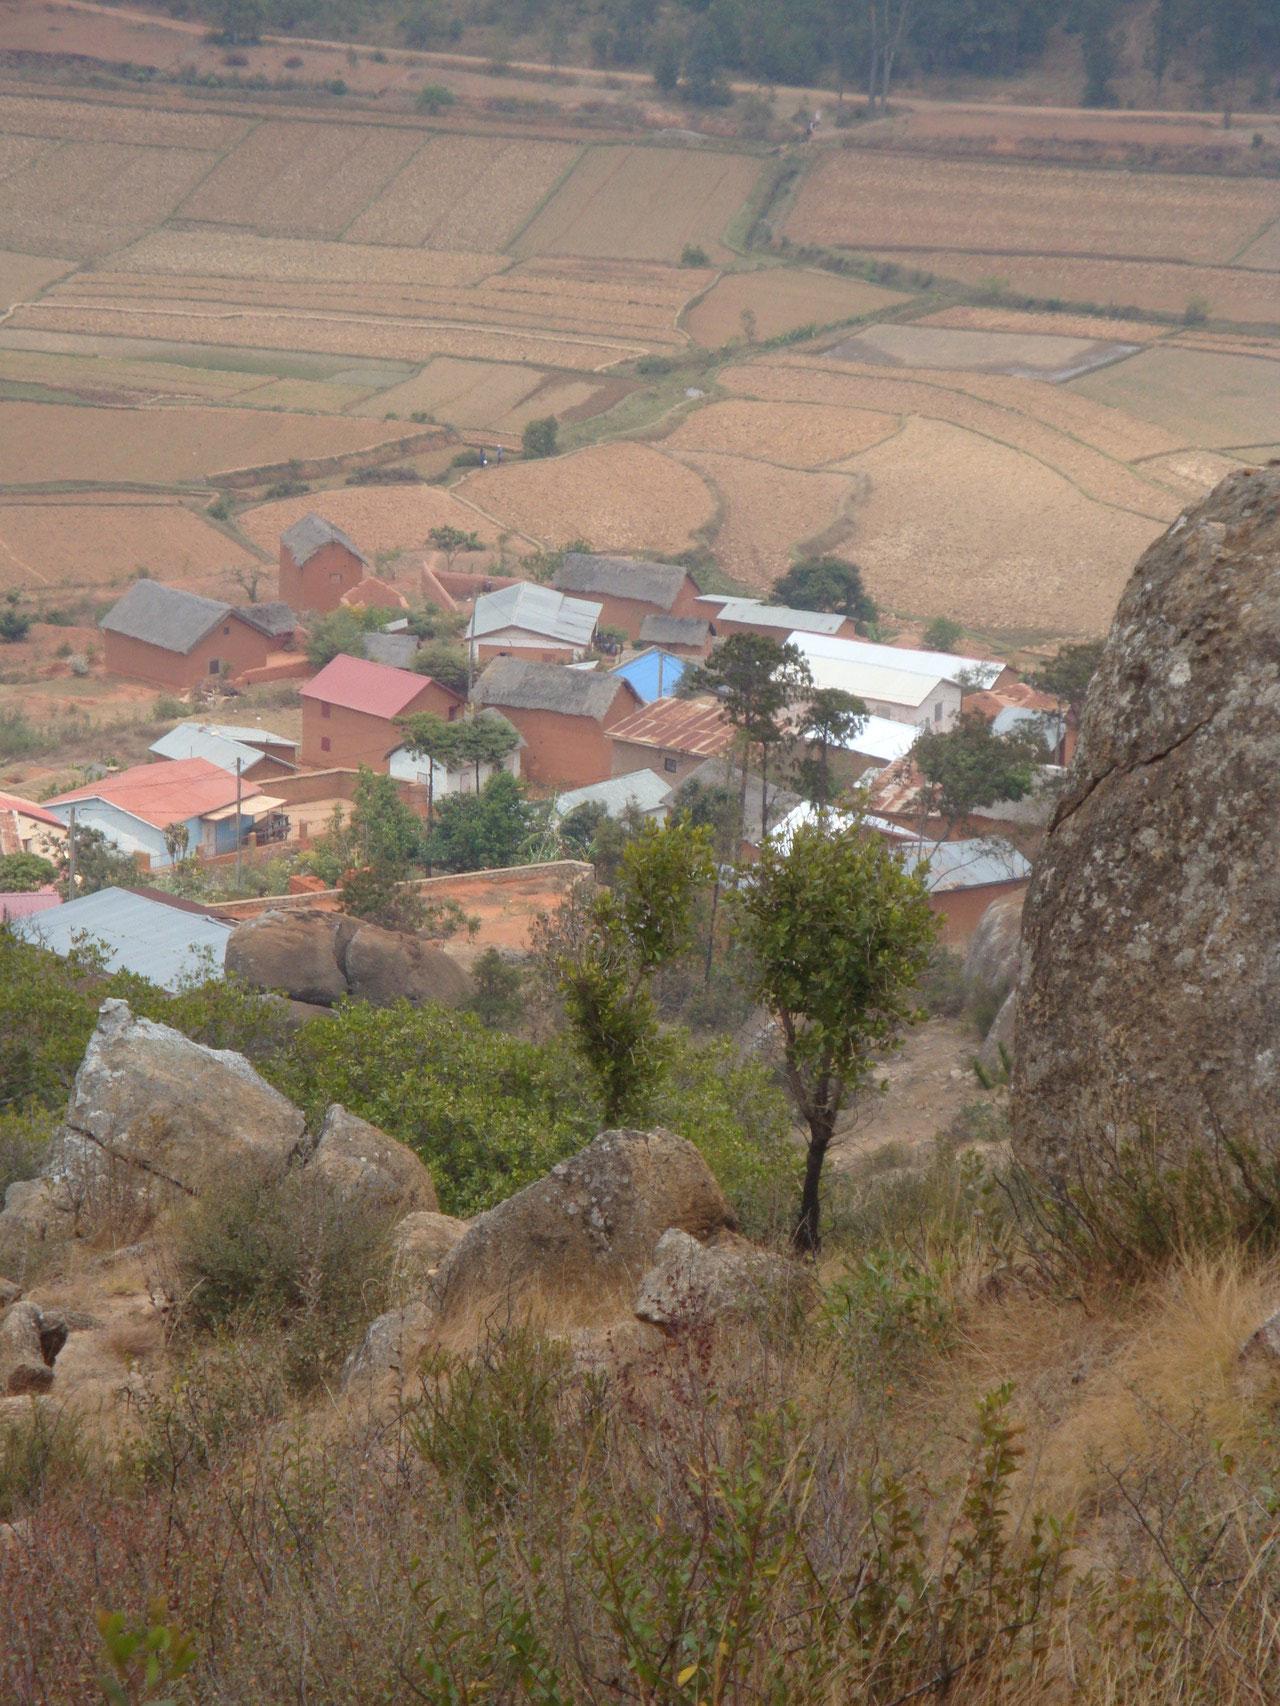 Route de la soie - Itasy - voyage solidaire